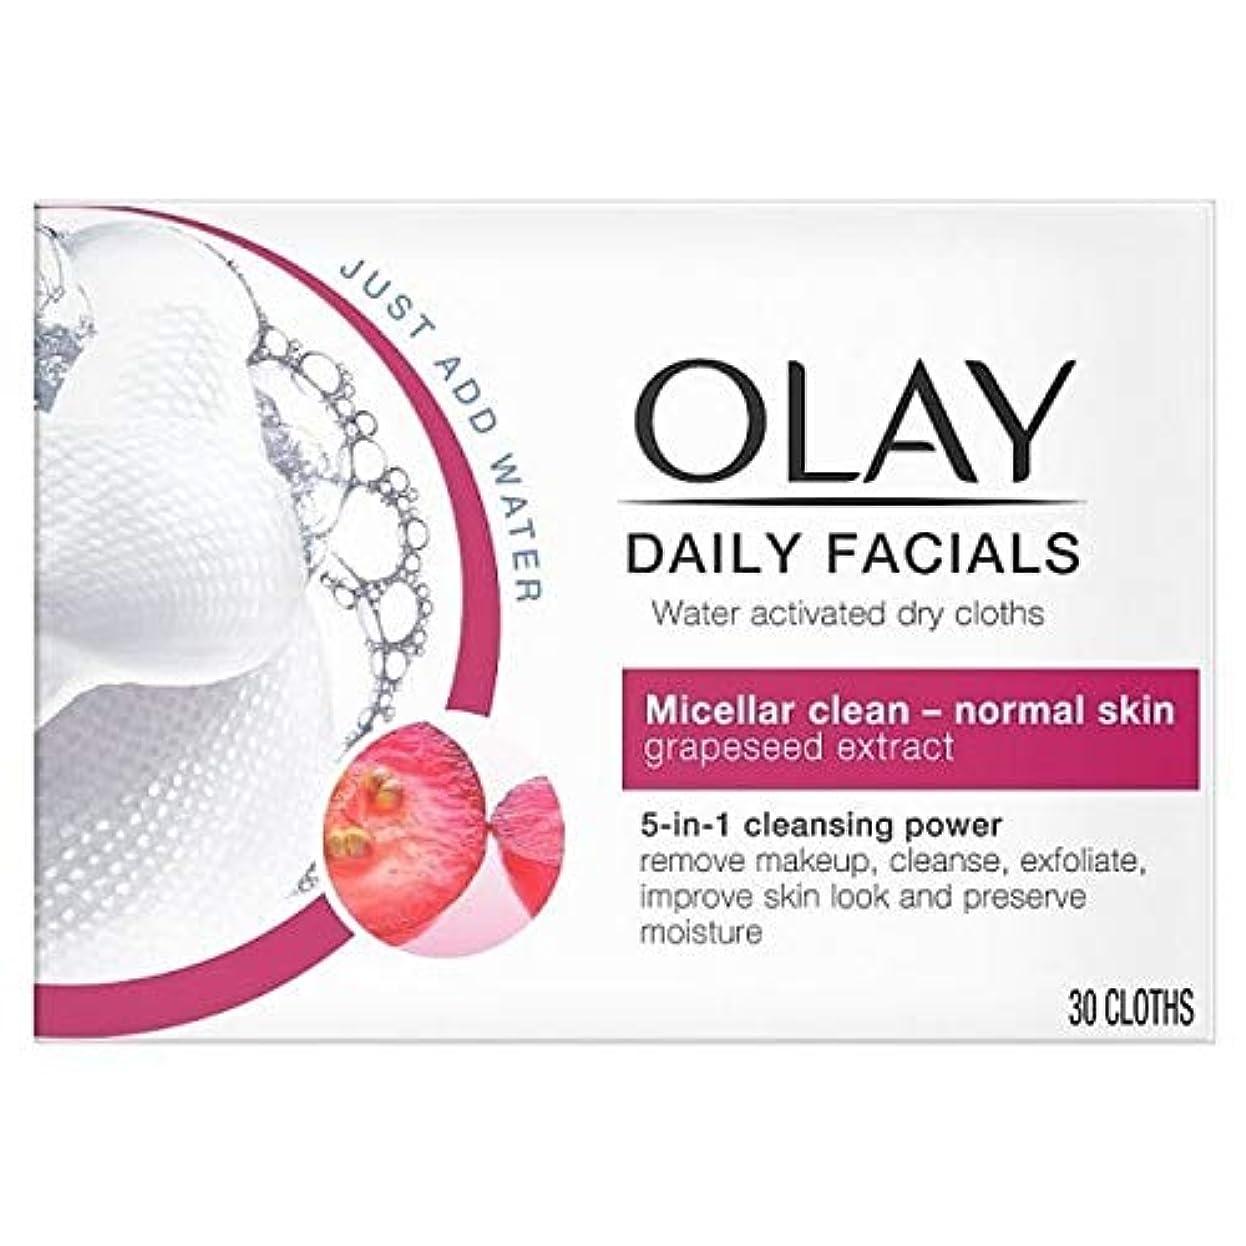 熟読する北東汚い[Olay ] オーレイ毎日フェイシャル5-In1は乾燥布 - 正常な皮膚 - Olay Daily Facials 5-in1 Dry Cloths - Normal Skin [並行輸入品]